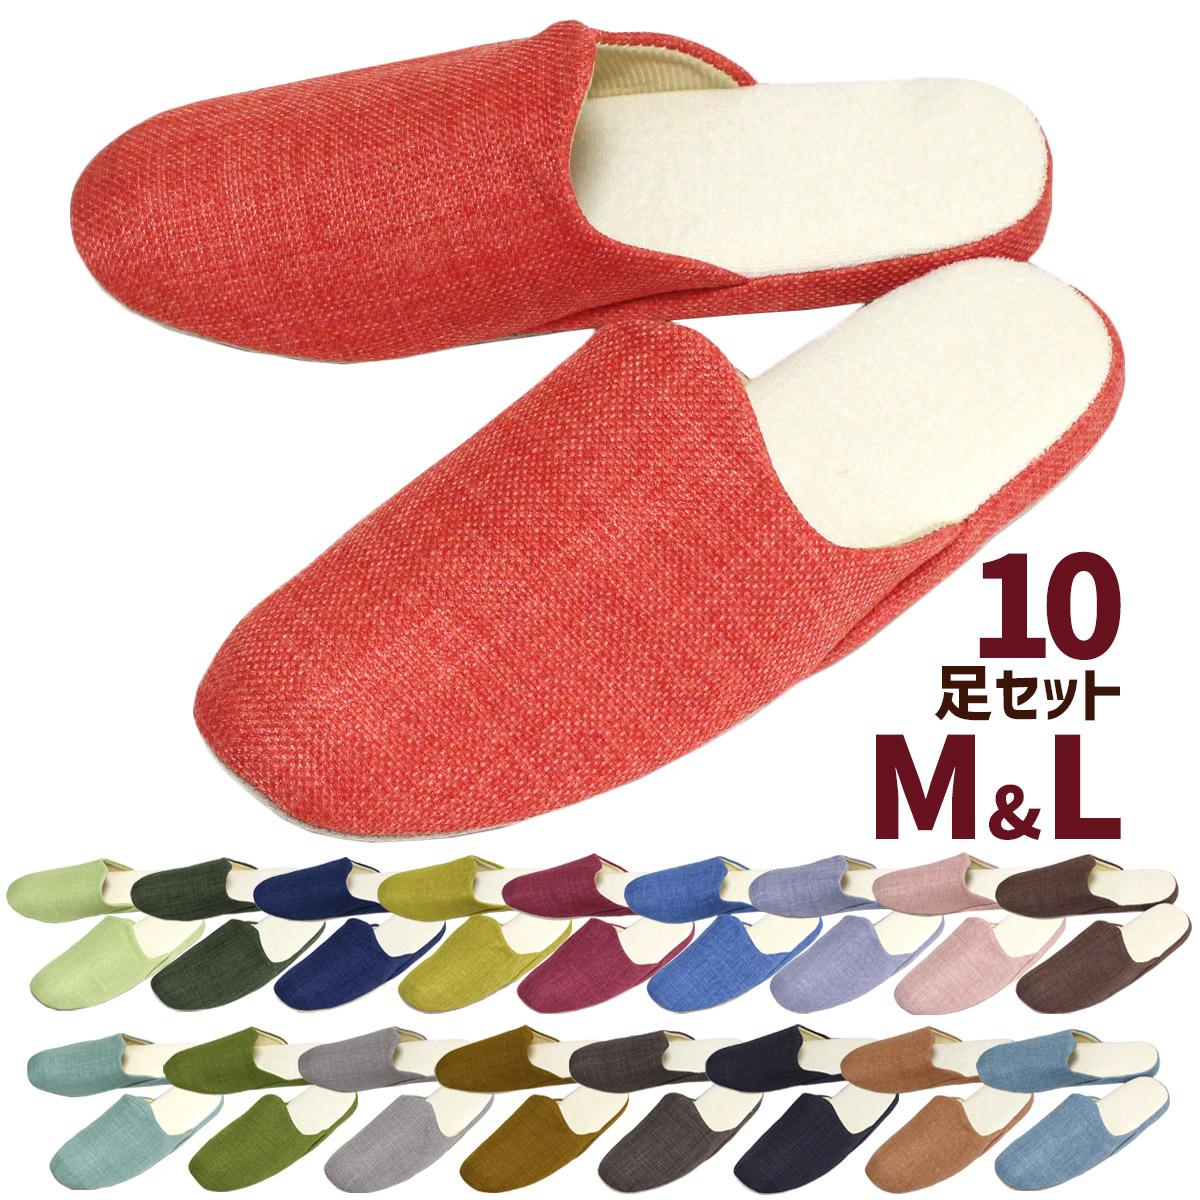 スリッパ 10足セット グレイズ M&Lサイズ ソフトタイプ かわいい おしゃれ 洗える 来客用